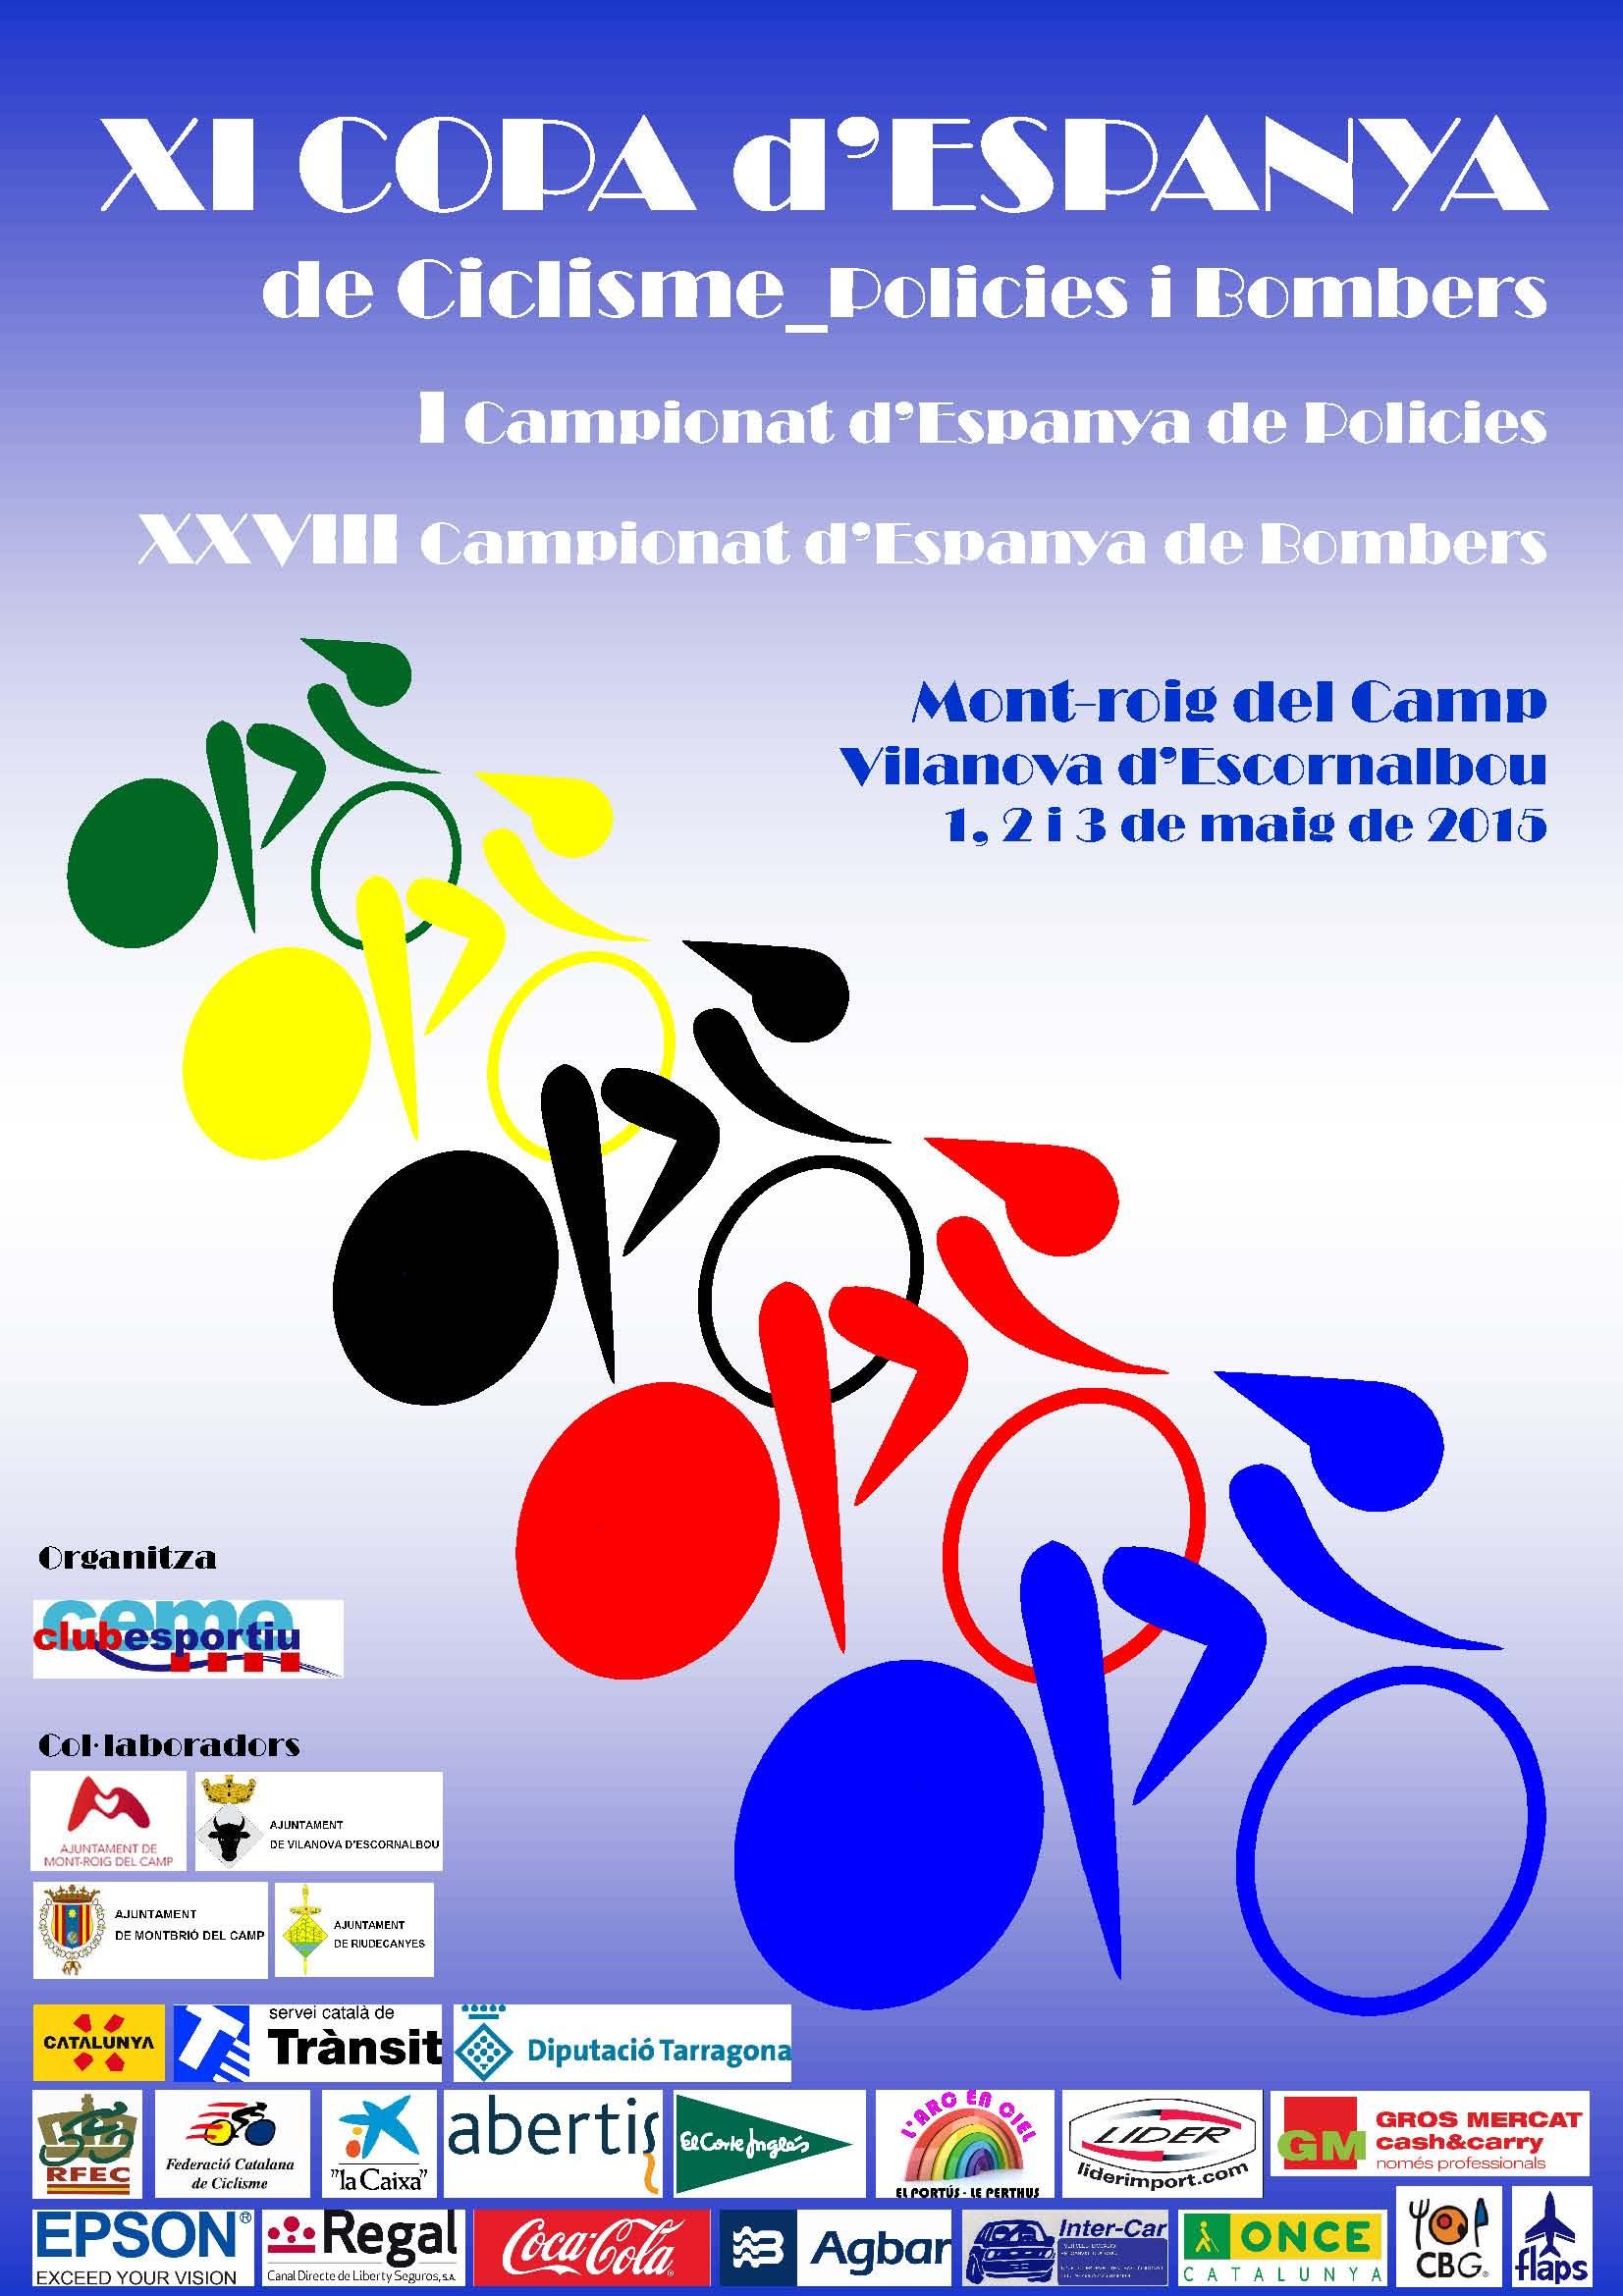 XI Copa de Espanya de ciclismo de policías y bomberos